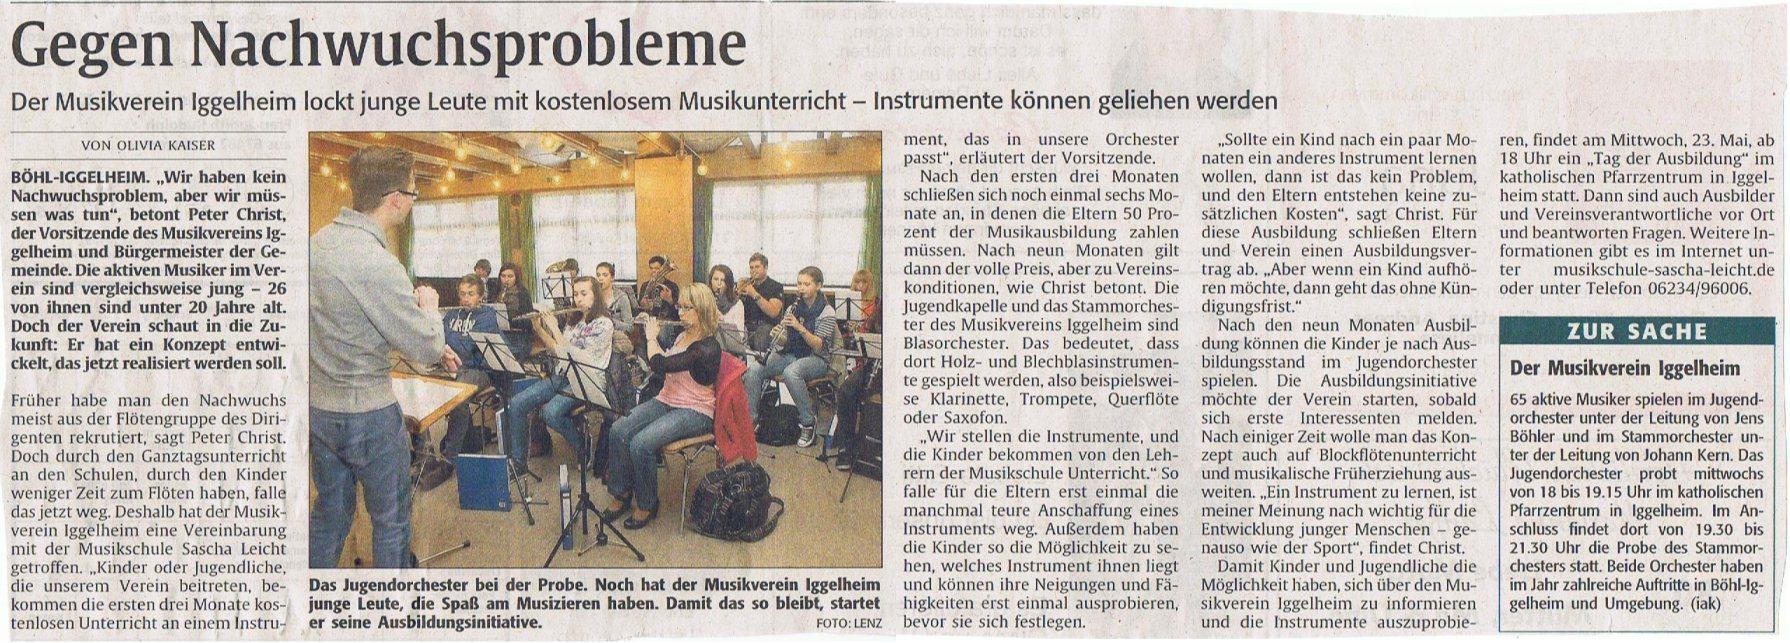 Artikel Rheinpfalz